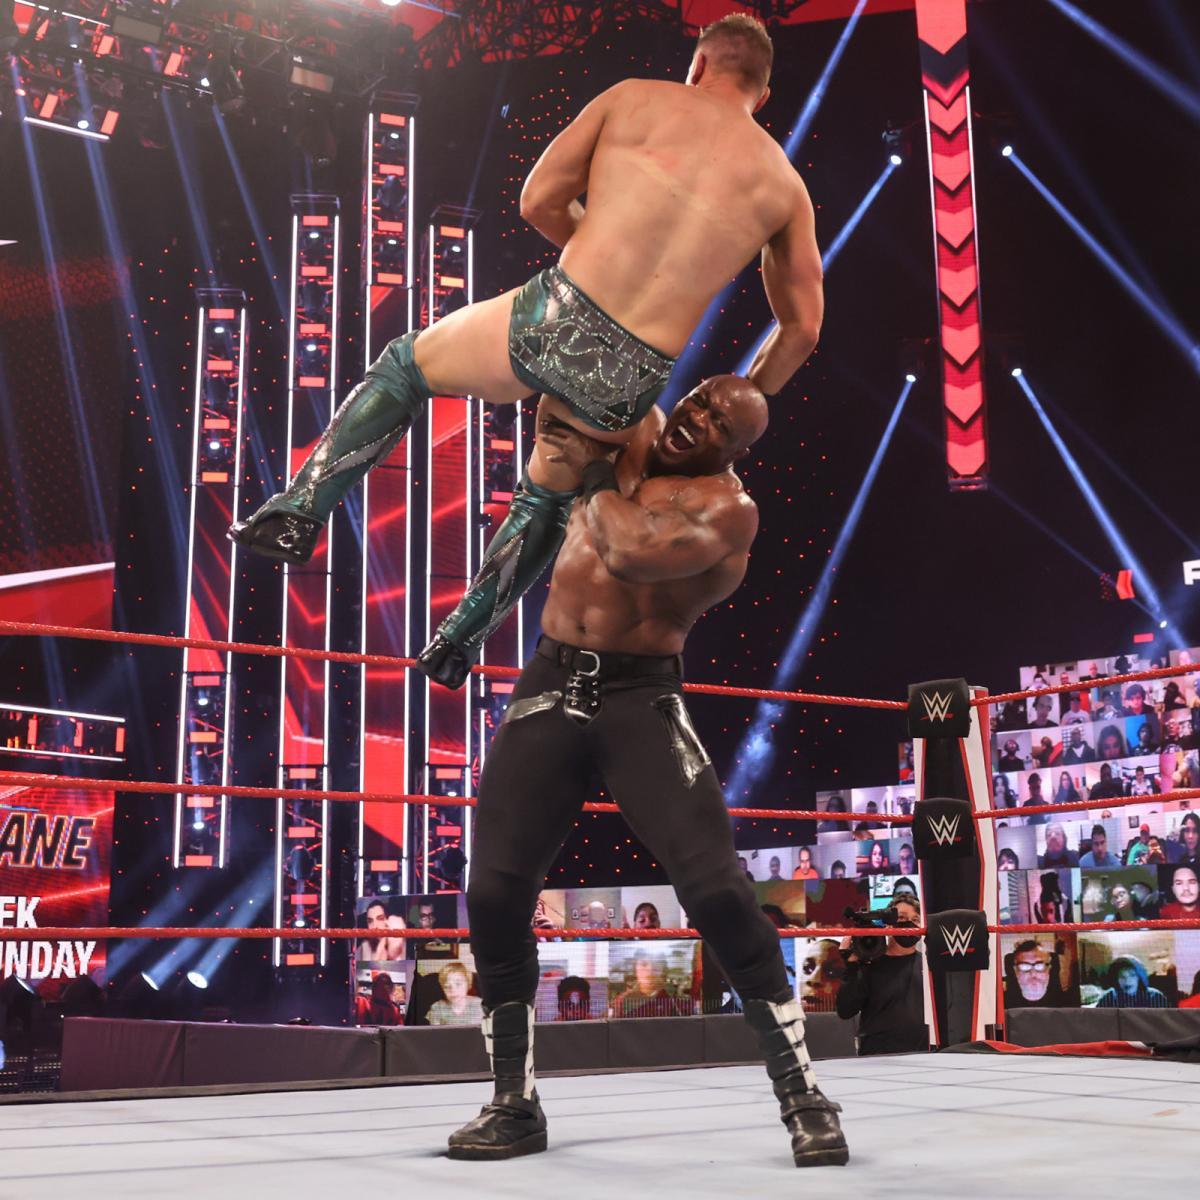 挑戦者のミズ(左)をチョークスラムで投げるWWEヘビー級王者ラシュリー(C)2021 WWE, Inc. All Rights Reserved.